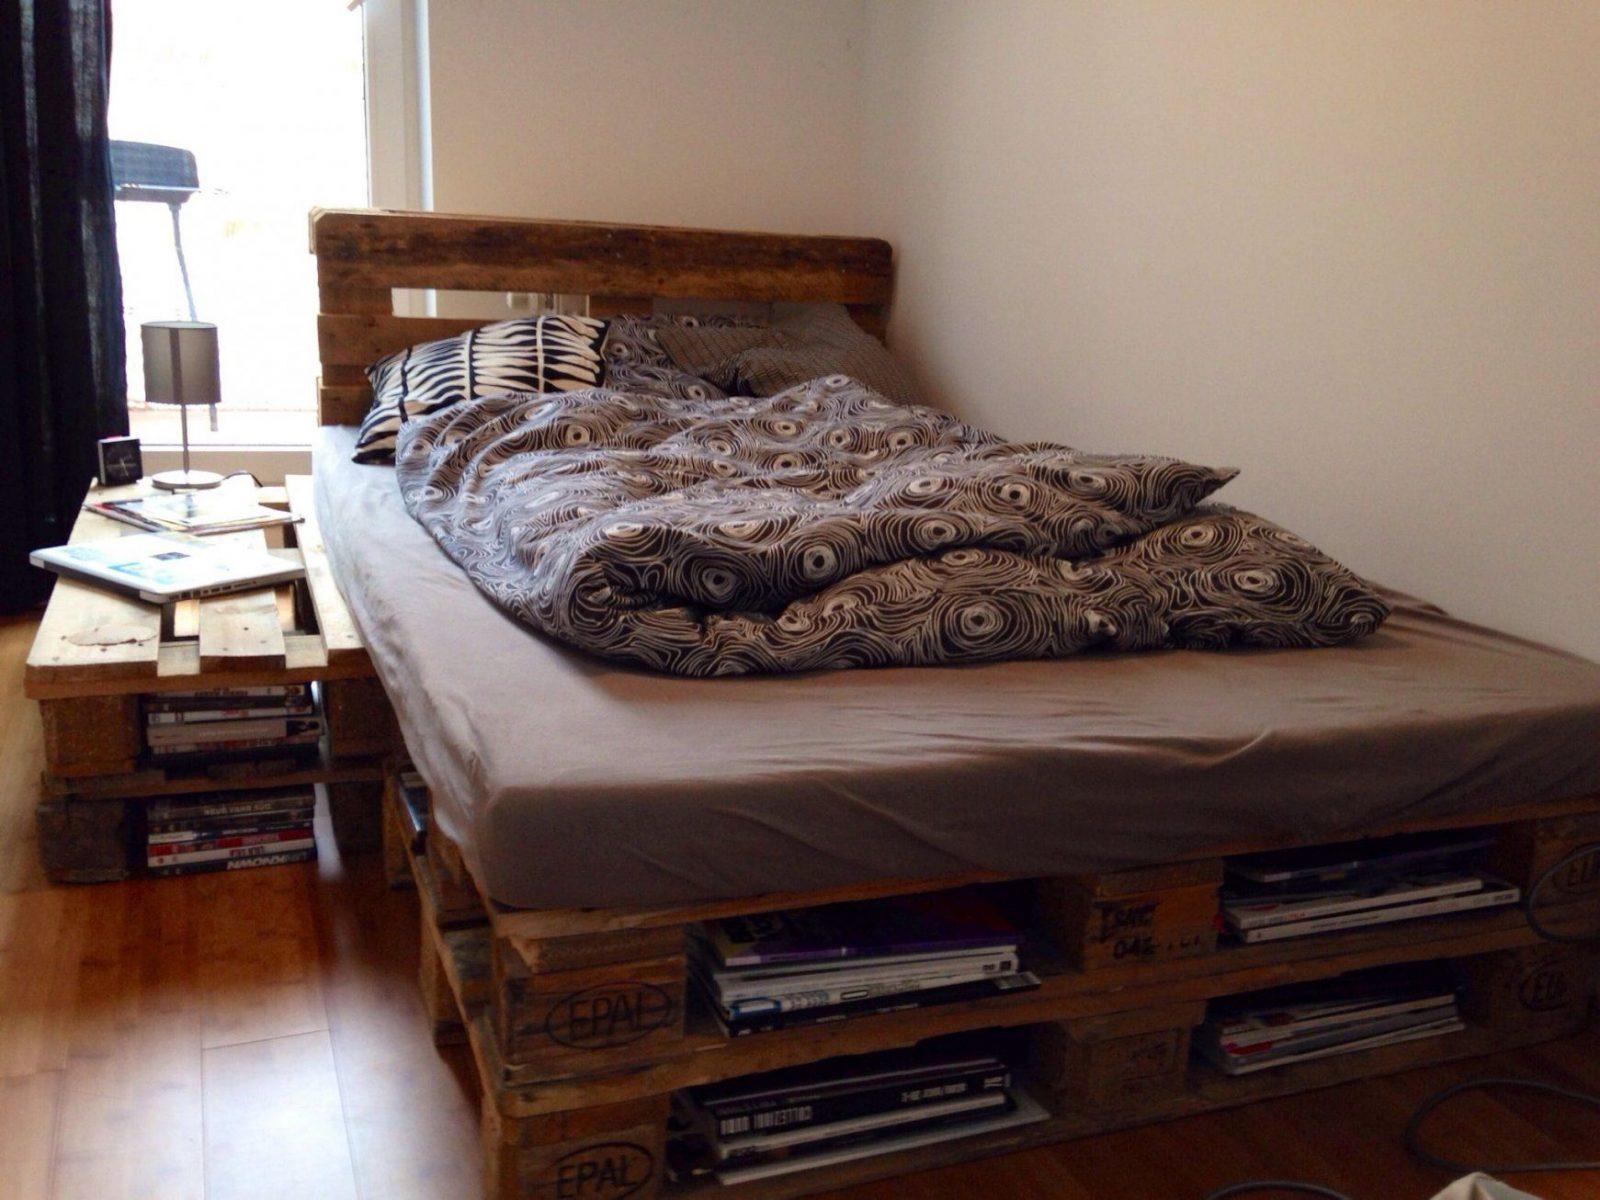 So Kann Man Alte Paletten Auch Nutzen Ähnliche Projekte Und Ideen von Podest Bett Aus Paletten Bild